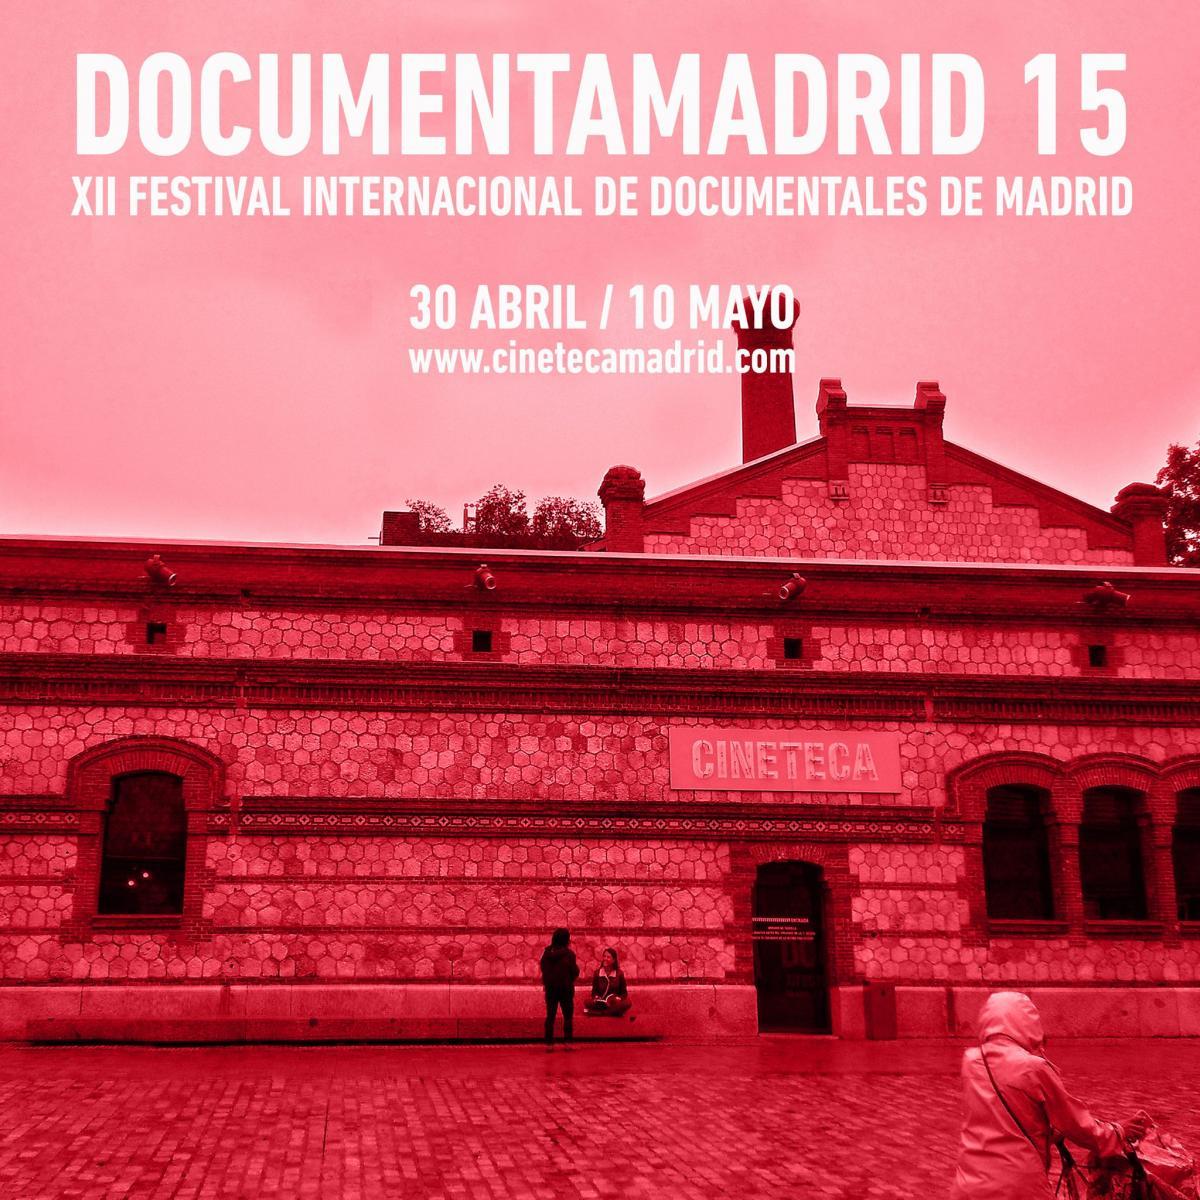 2015, agenda, cine, cinemateca, cultura, documentales, documentamadrid, Madrid